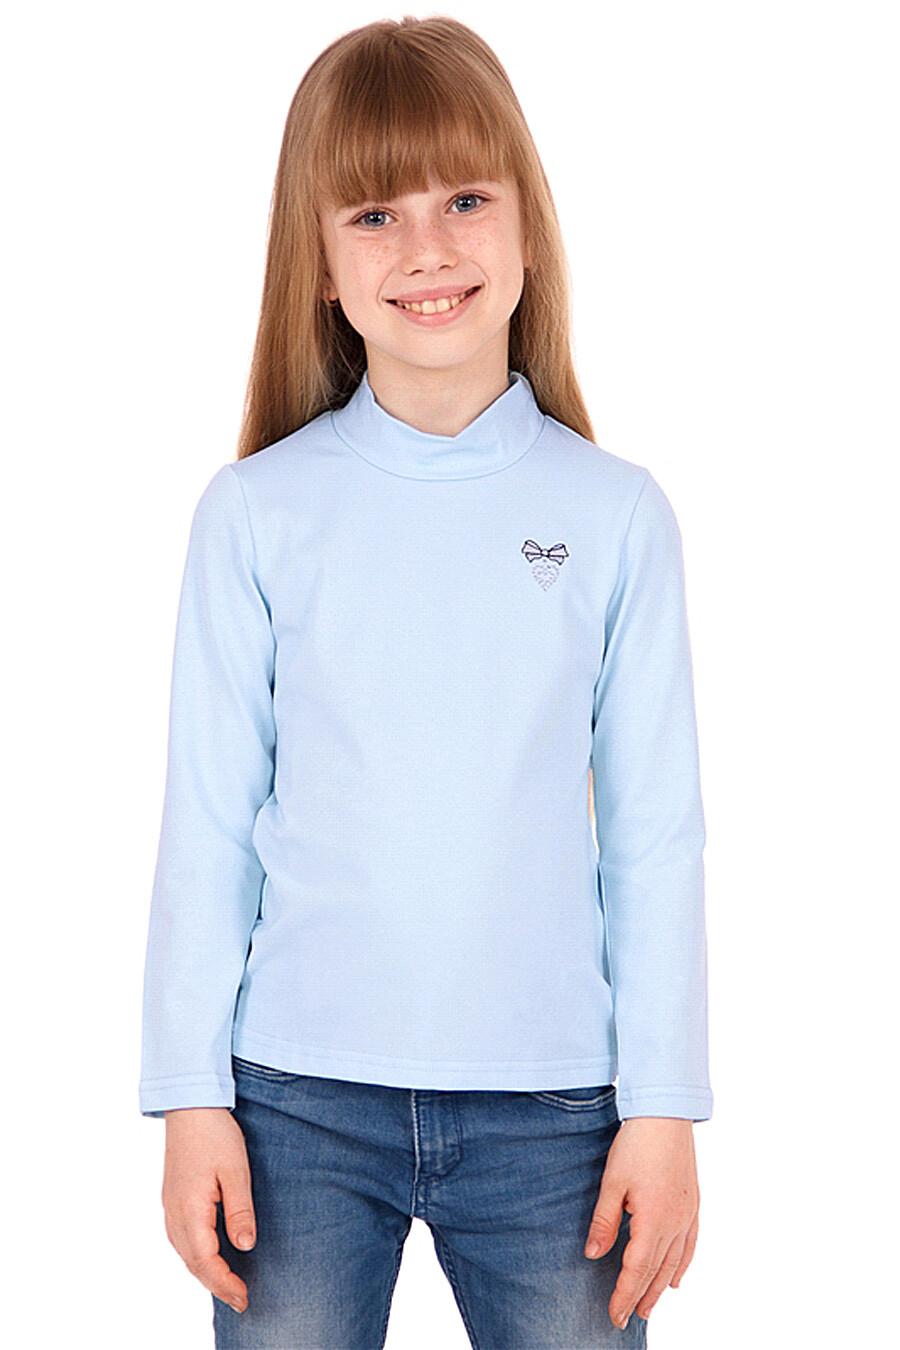 Водолазка для девочек АПРЕЛЬ 700633 купить оптом от производителя. Совместная покупка детской одежды в OptMoyo